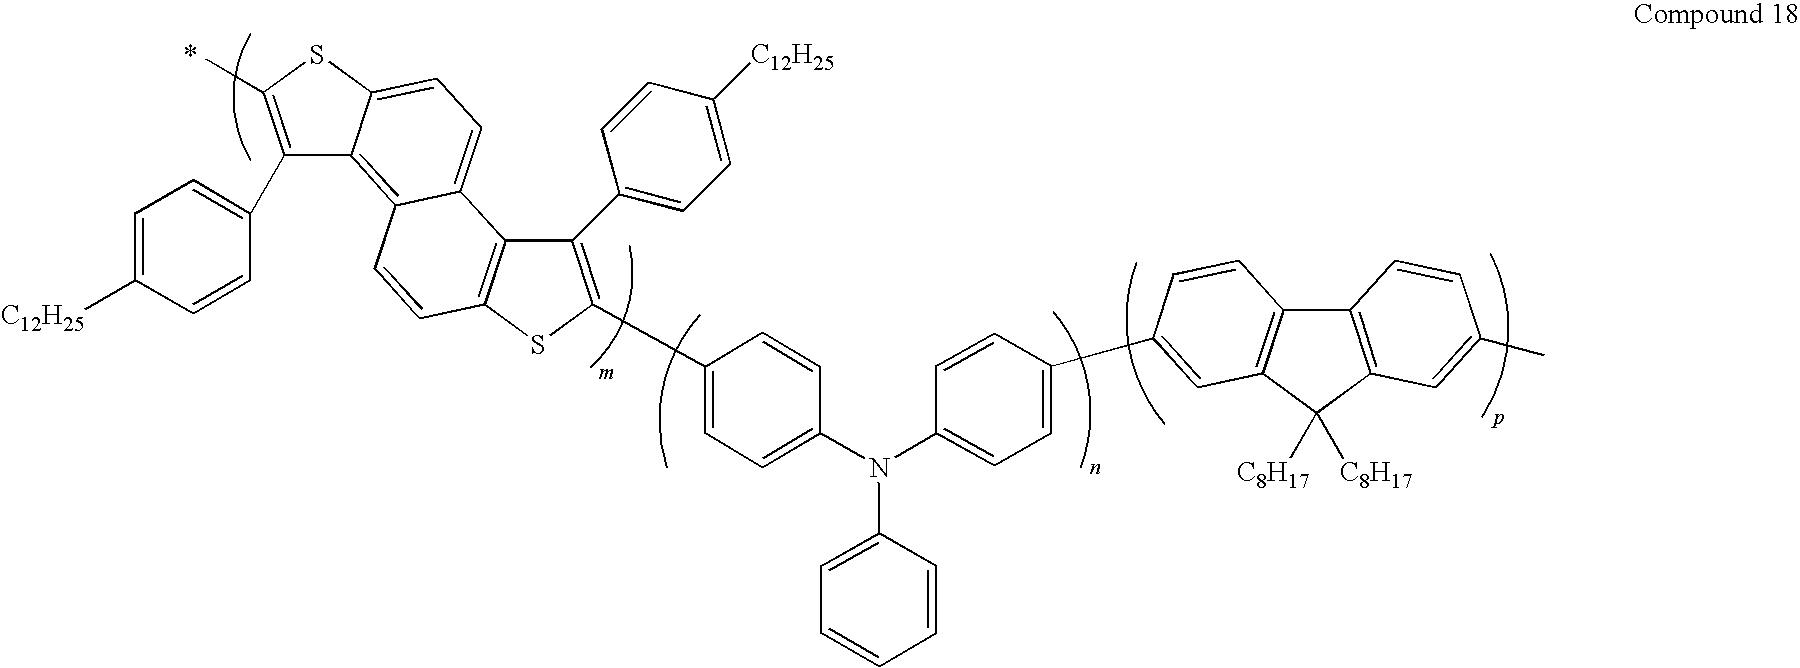 Figure US08216753-20120710-C00102